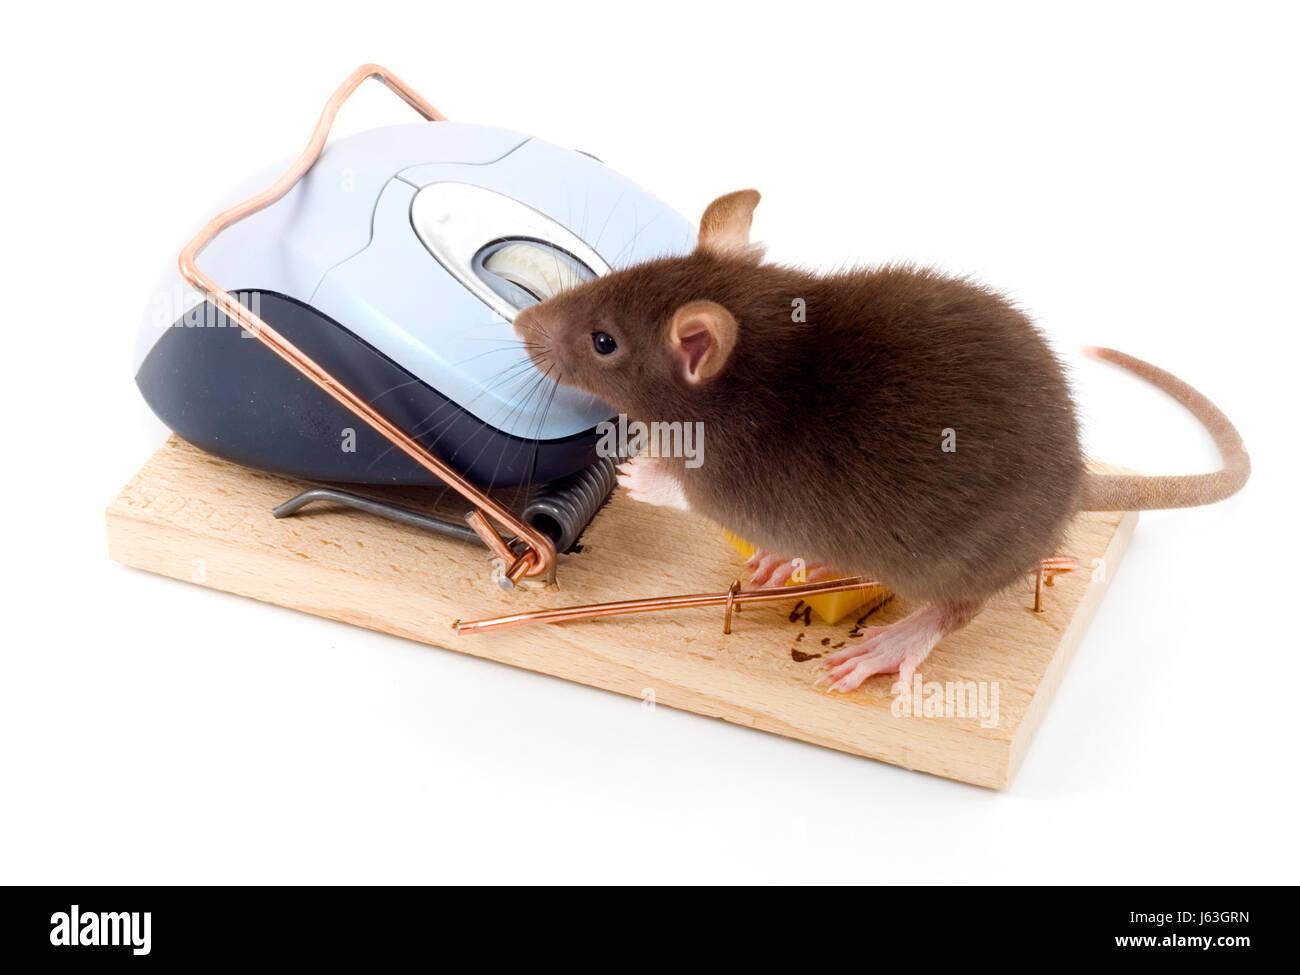 danger mouse stockfotos danger mouse bilder alamy. Black Bedroom Furniture Sets. Home Design Ideas